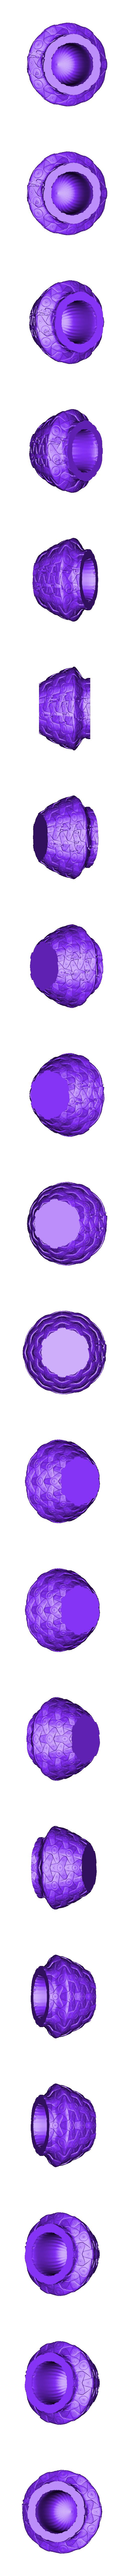 2 mecha .stl Télécharger fichier STL X86 Mini vase collection  • Objet imprimable en 3D, motek